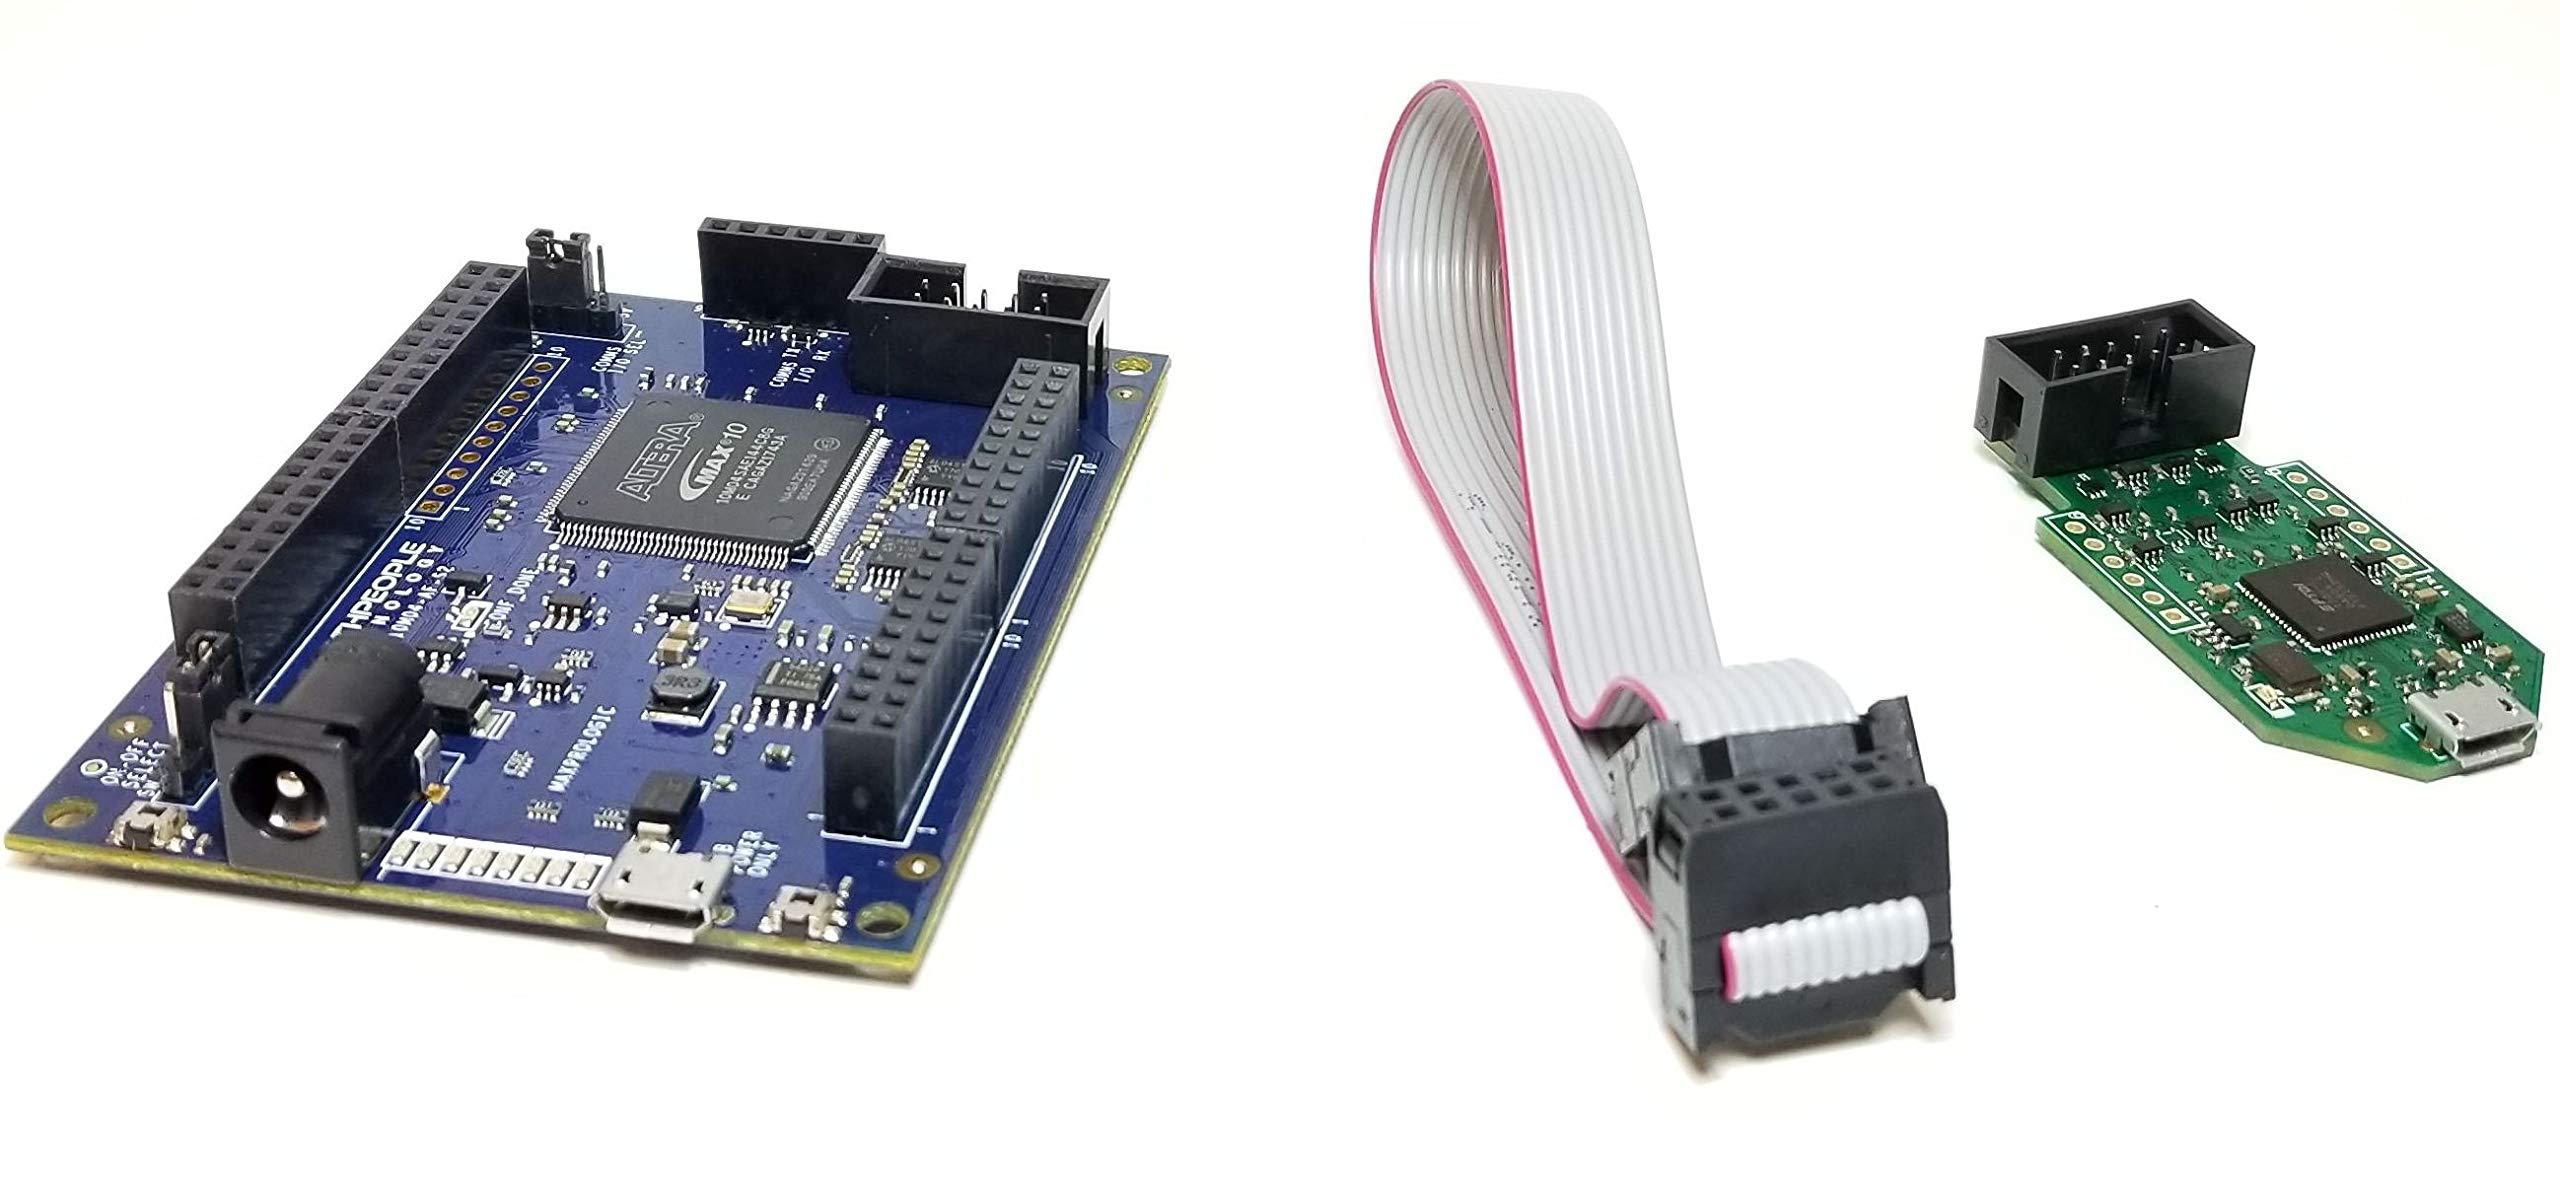 Intel/Altera MAX10 FPGA Max Package - MaxPro + JTAG + Cable